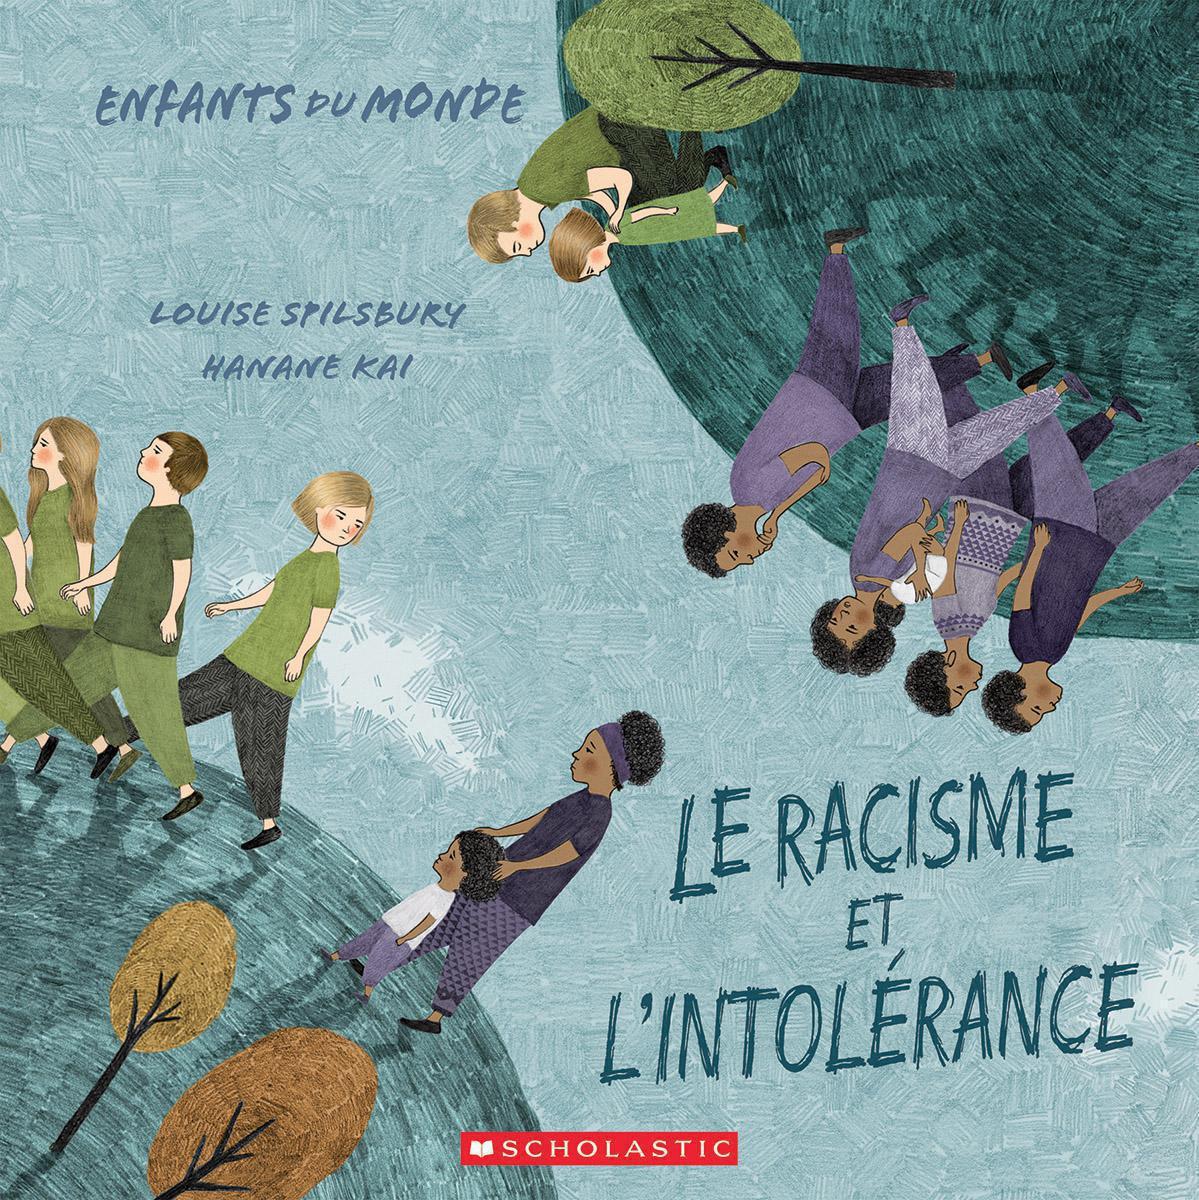 Enfants du monde: Le racisme et l'intolérance